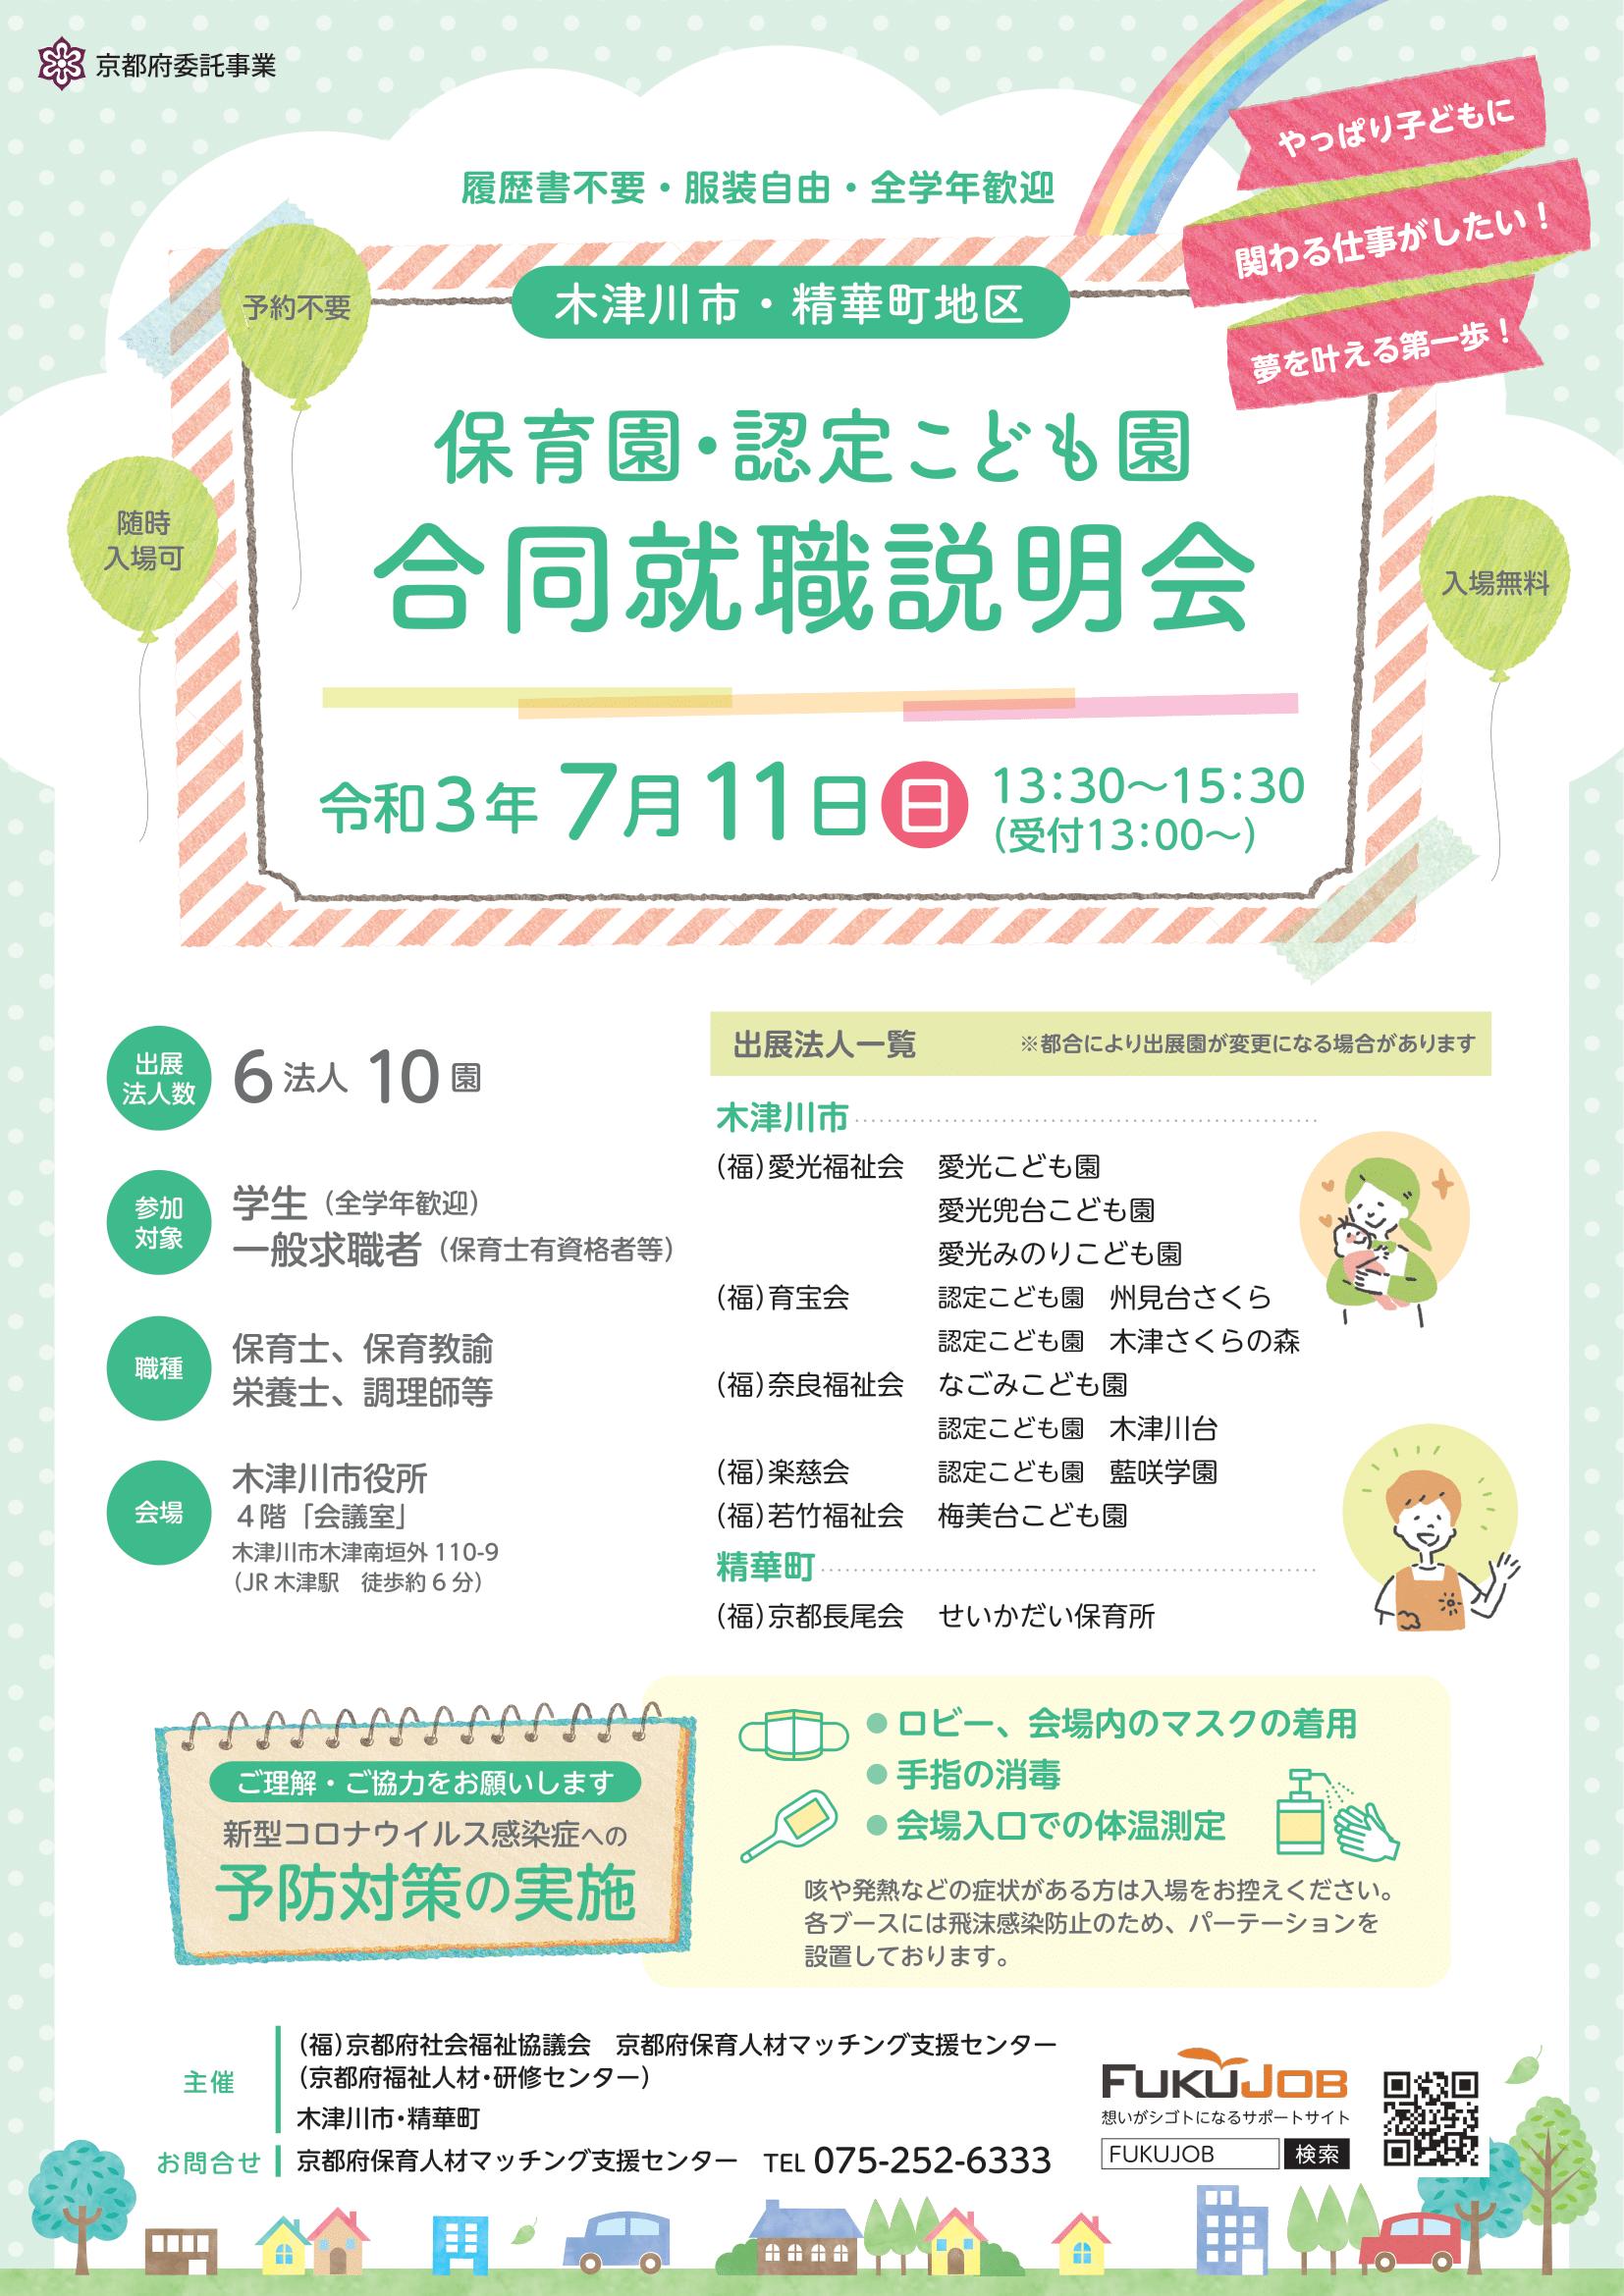 【7月11日開催】令和3年度  木津川市・精華町 保育園・認定こども園合同就職説明会